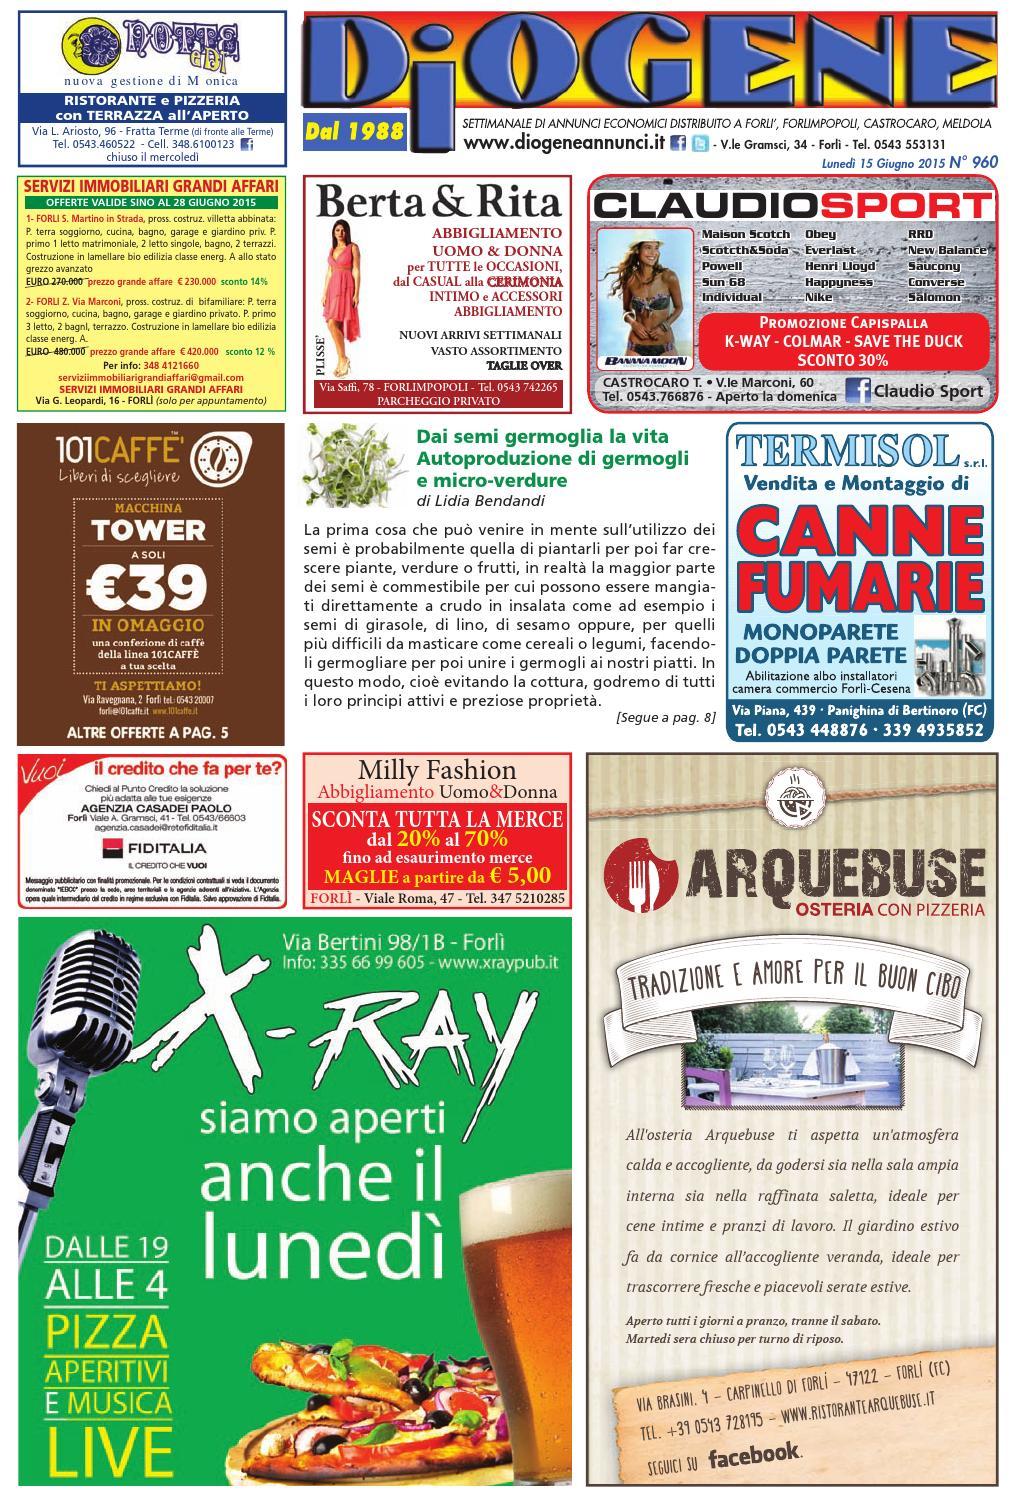 Diogene Annunci 15 06 by Diogene Annunci - issuu 5b467893017